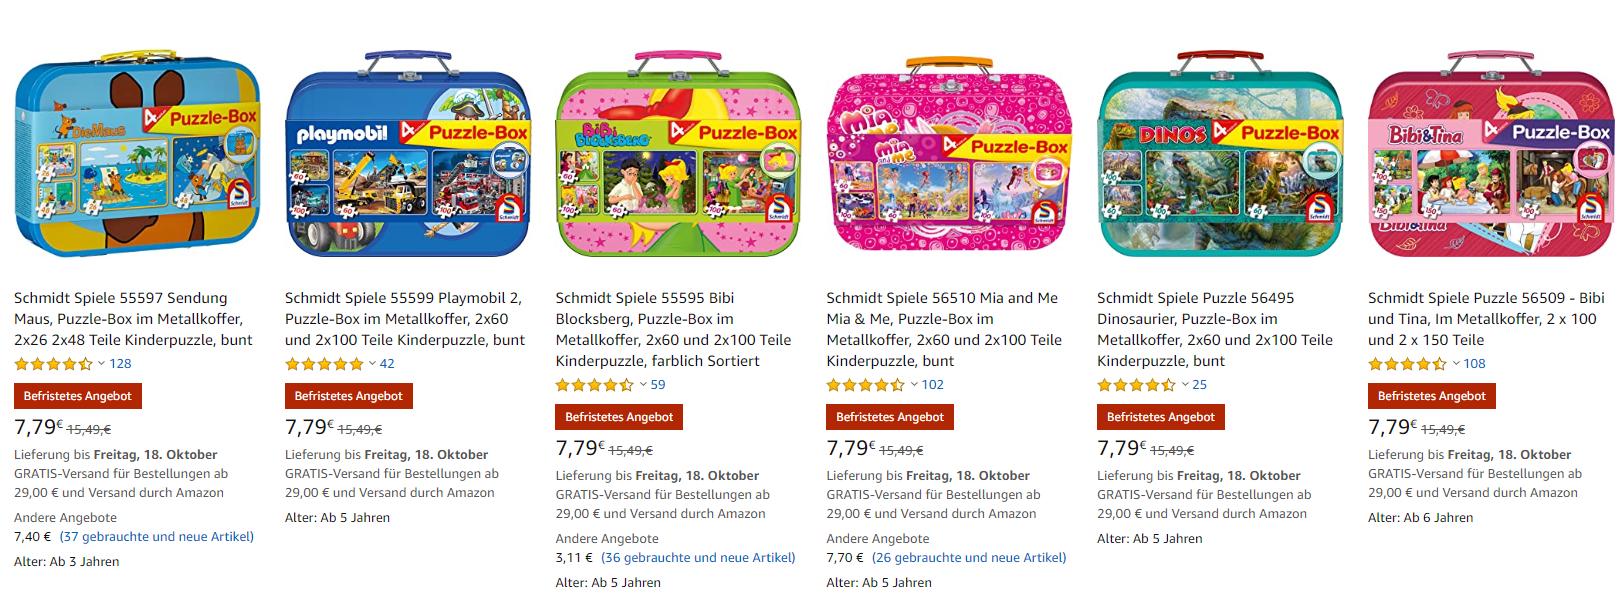 Puzzelbox in metalen koffer (ook playmobil) voor €7,79 @ amazon.de